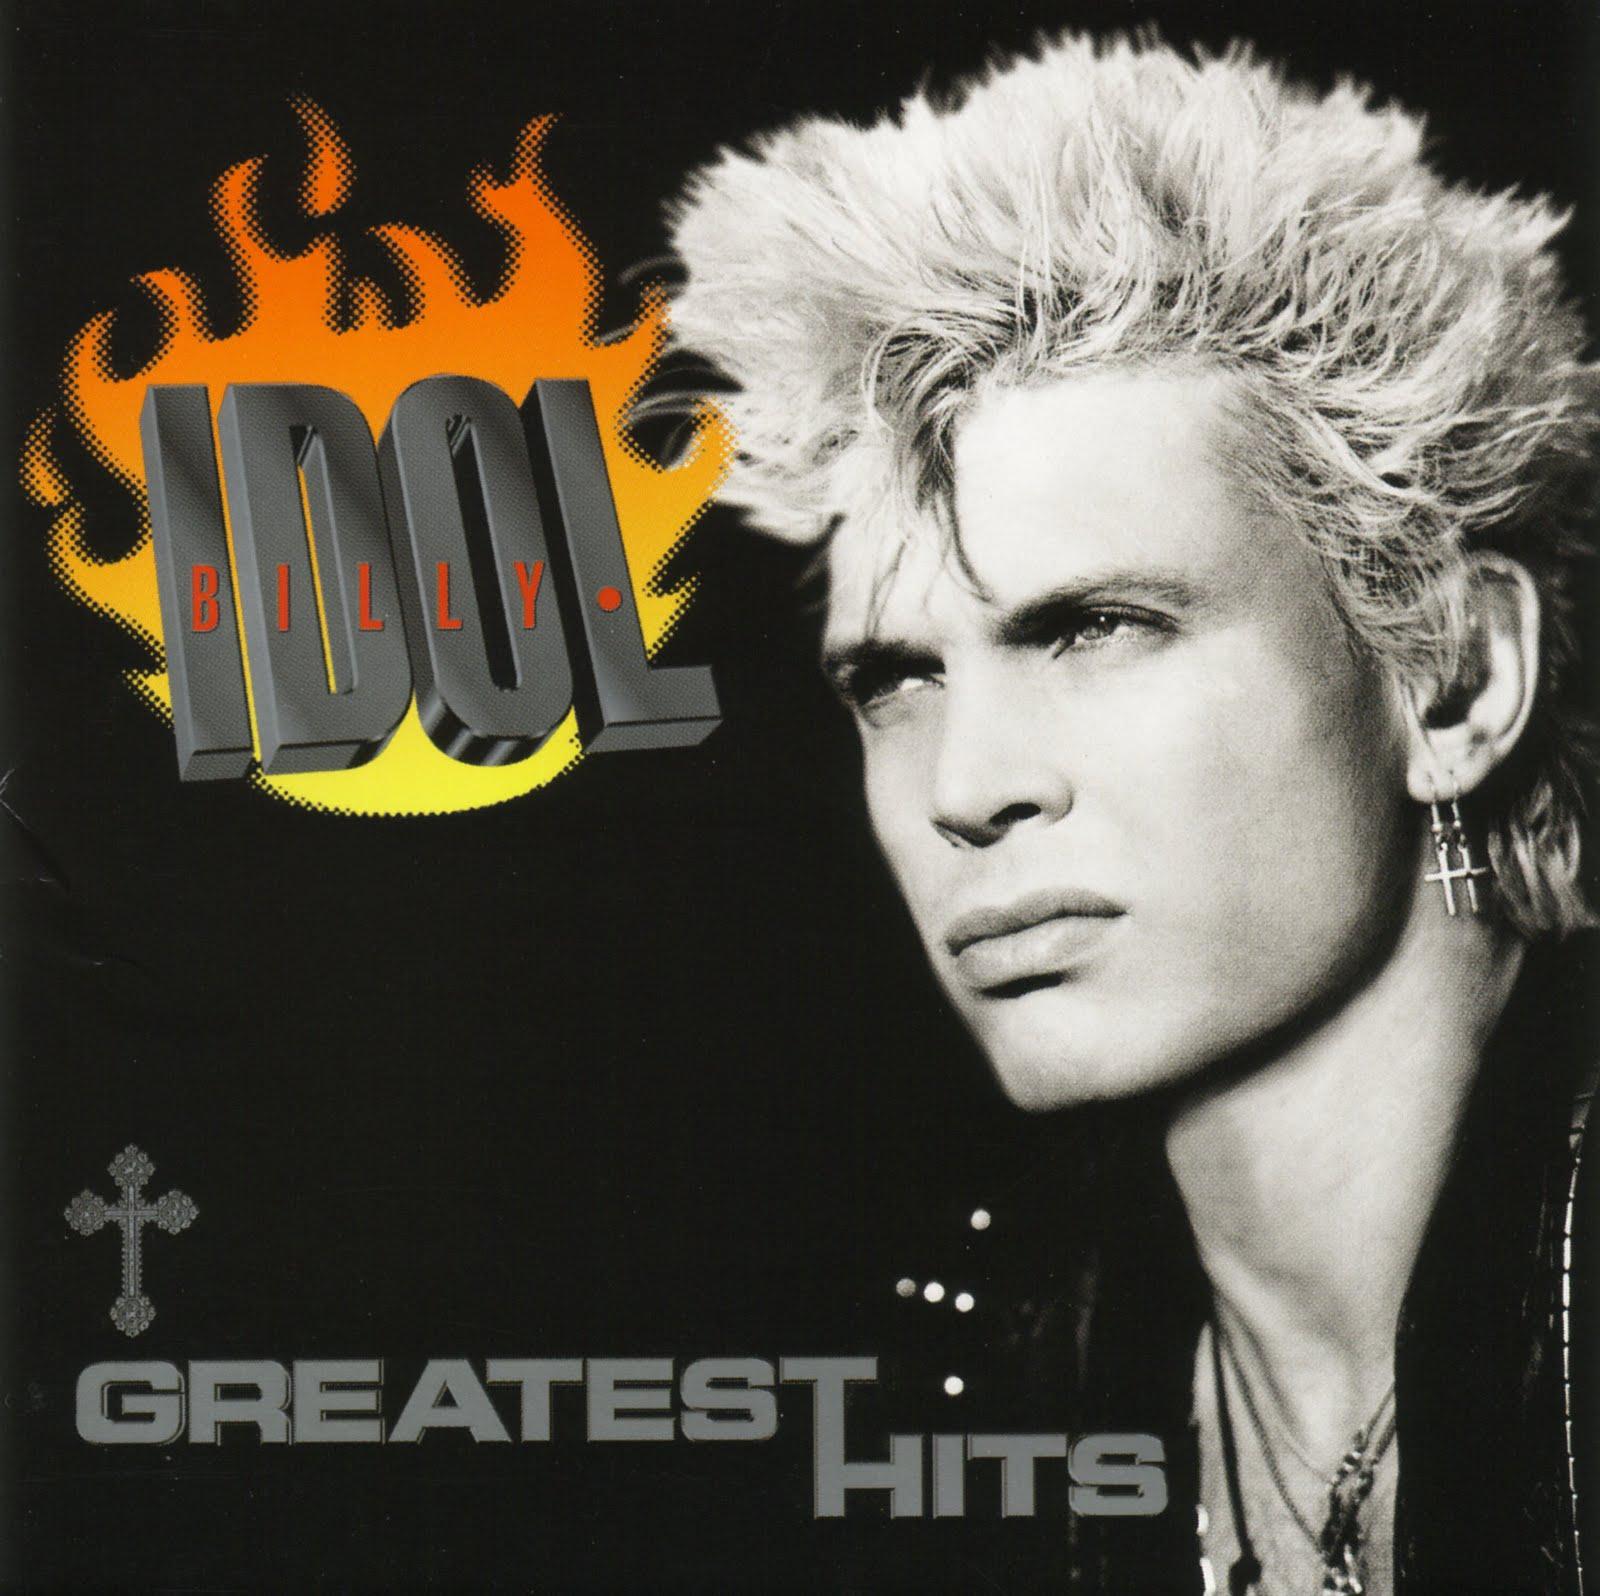 http://4.bp.blogspot.com/_f2iAGRf_Ioo/TL4b2LDj3JI/AAAAAAAACCU/-d1yxOvEM_k/s1600/Billy+Idol+-+Greatest+Hits+Front.jpg